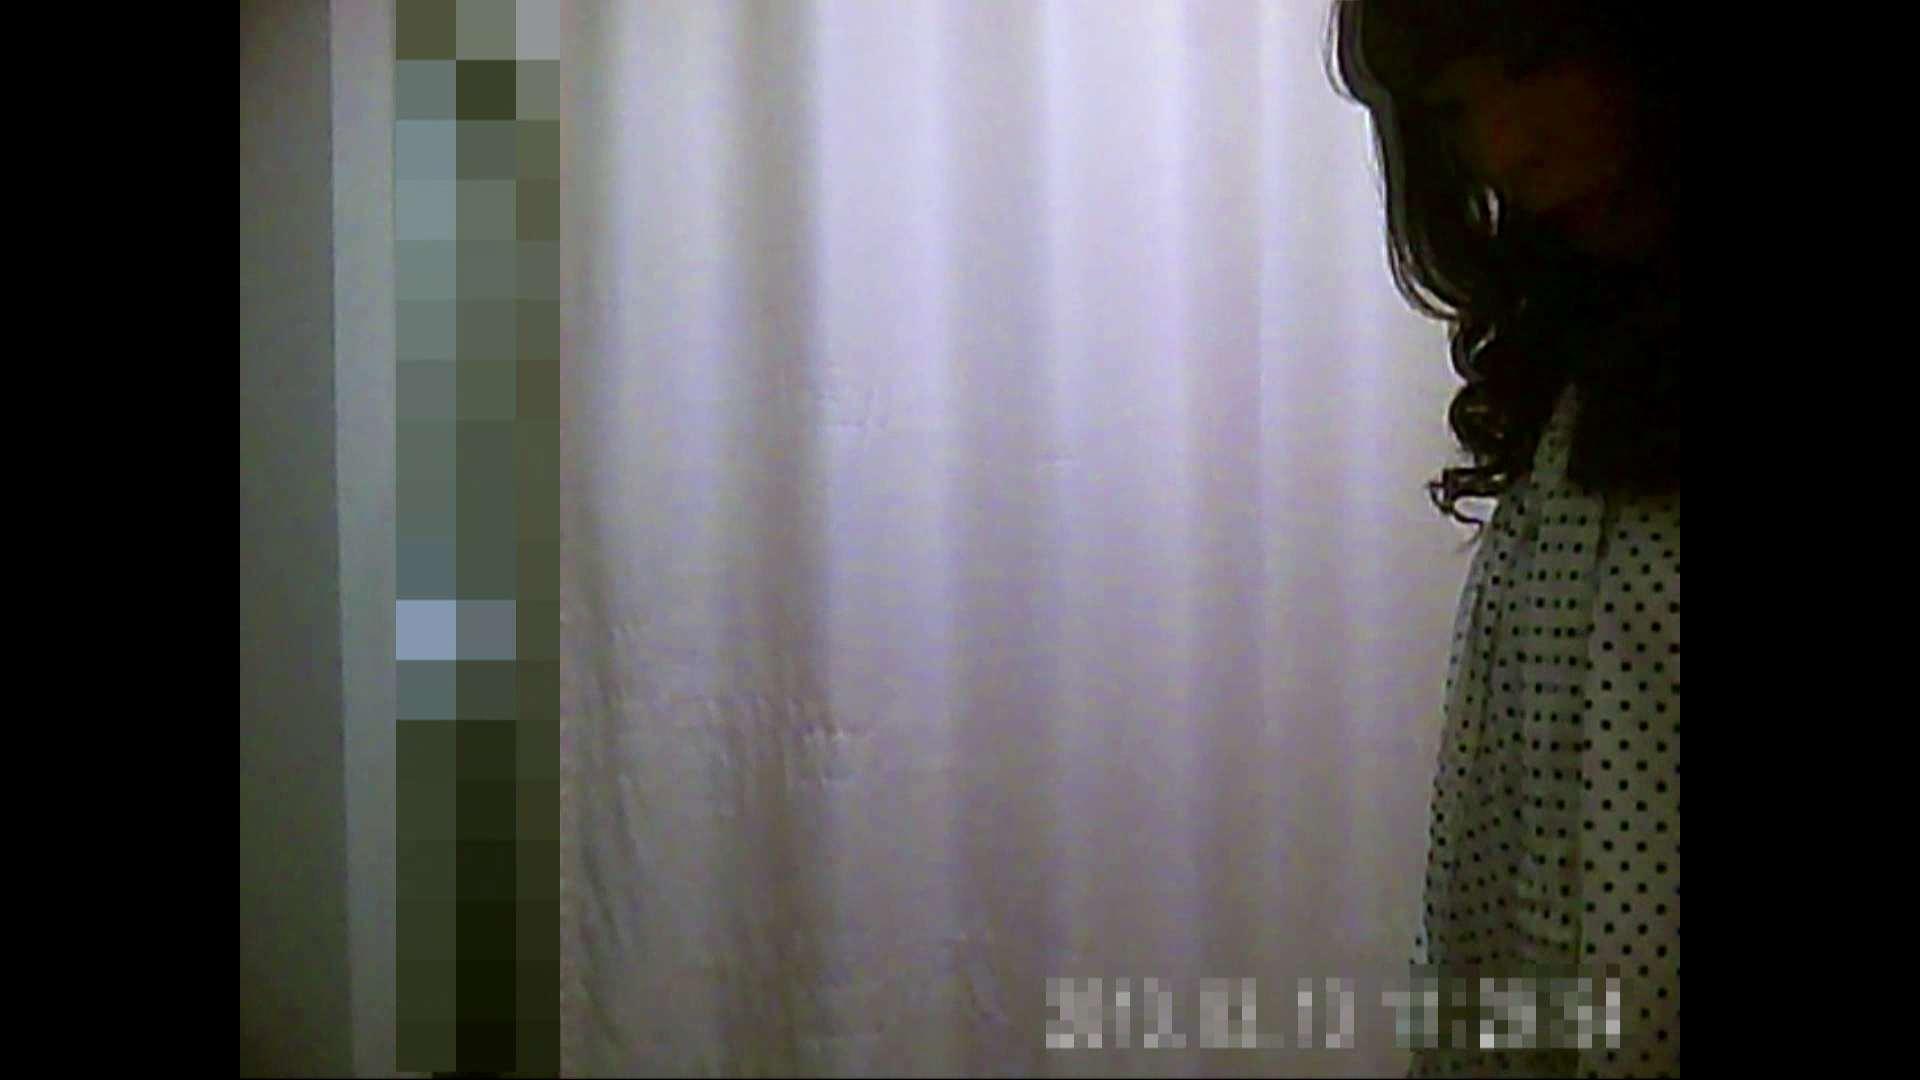 アダルトエロ動画|元医者による反抗 更衣室地獄絵巻 vol.097|怪盗ジョーカー